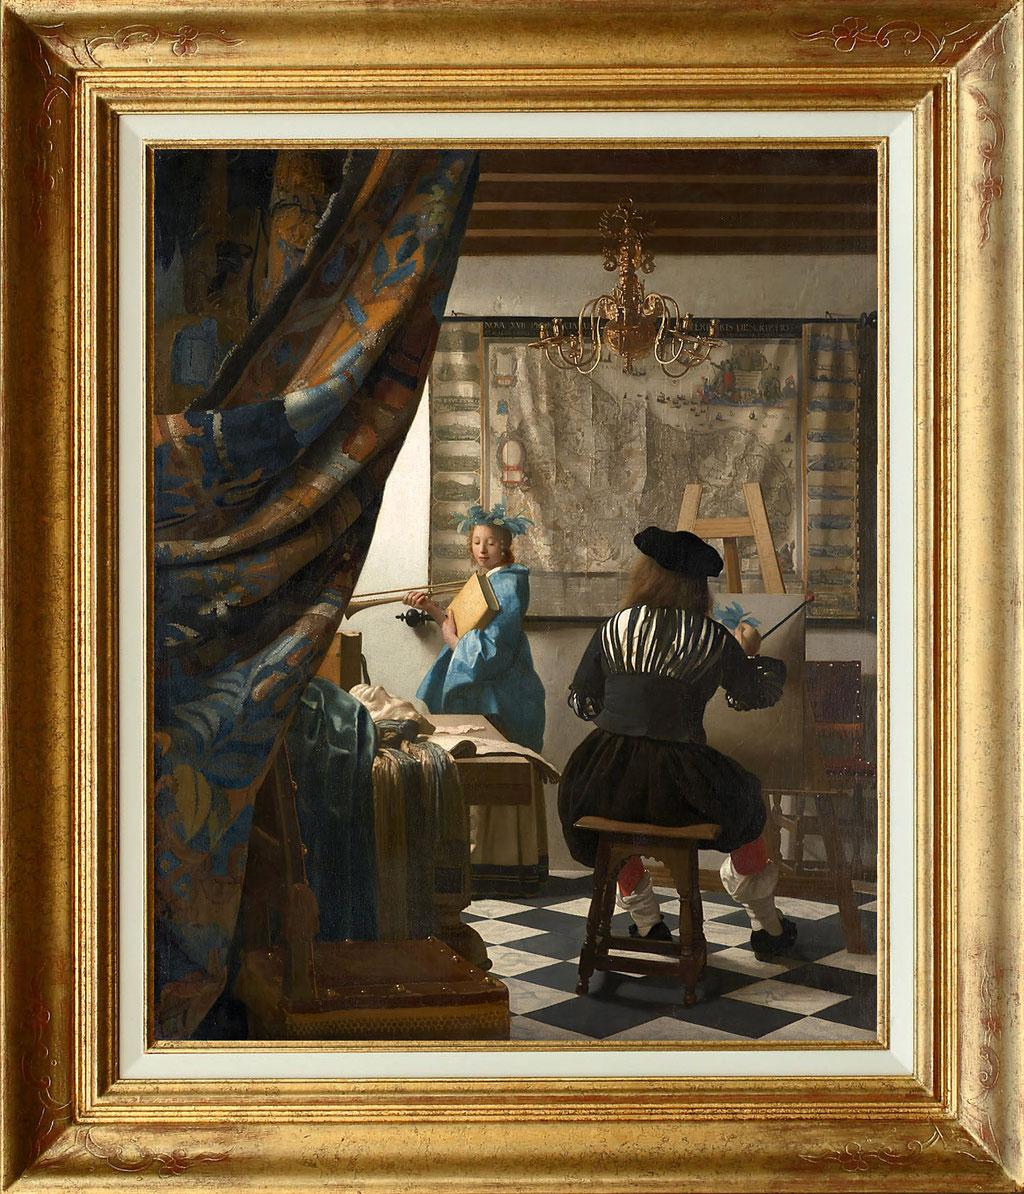 Vermeer, le peintre et son modèle